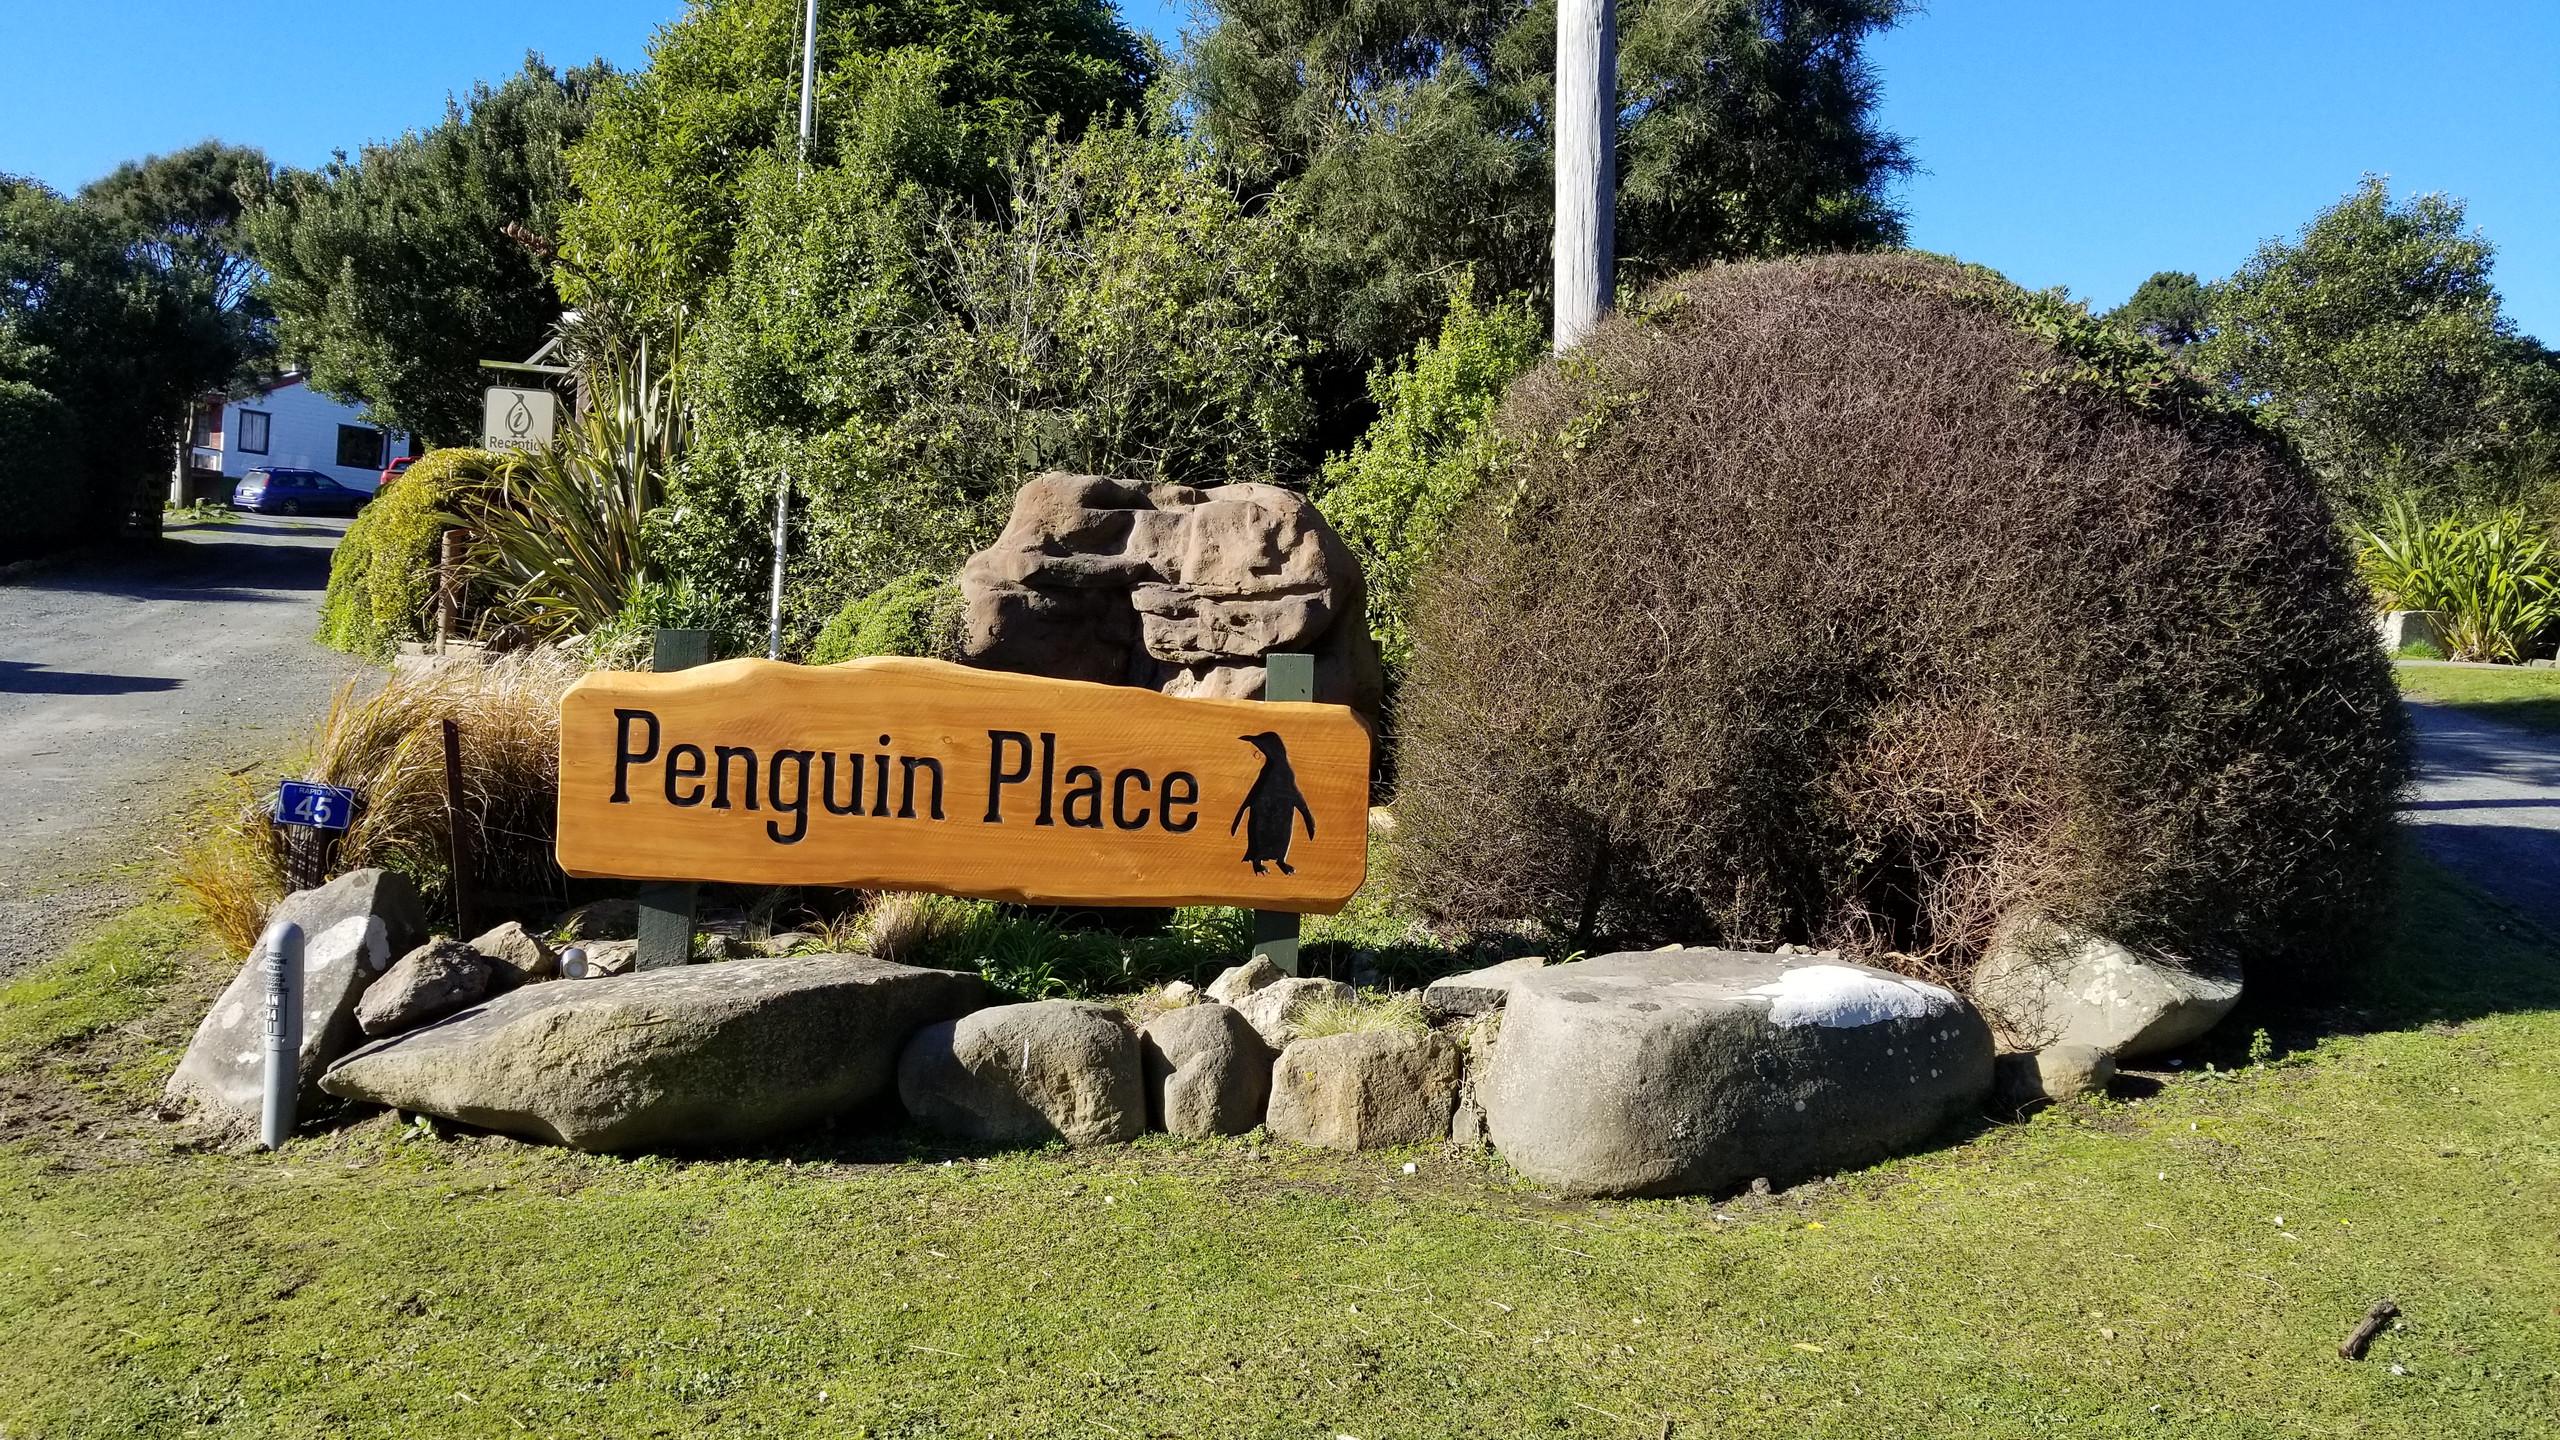 Заповедник желтоглазых пингвинов Данидин, Новая Зеландия. Туры в Новую Зеландию. Экскурсии в новой Зеландии.